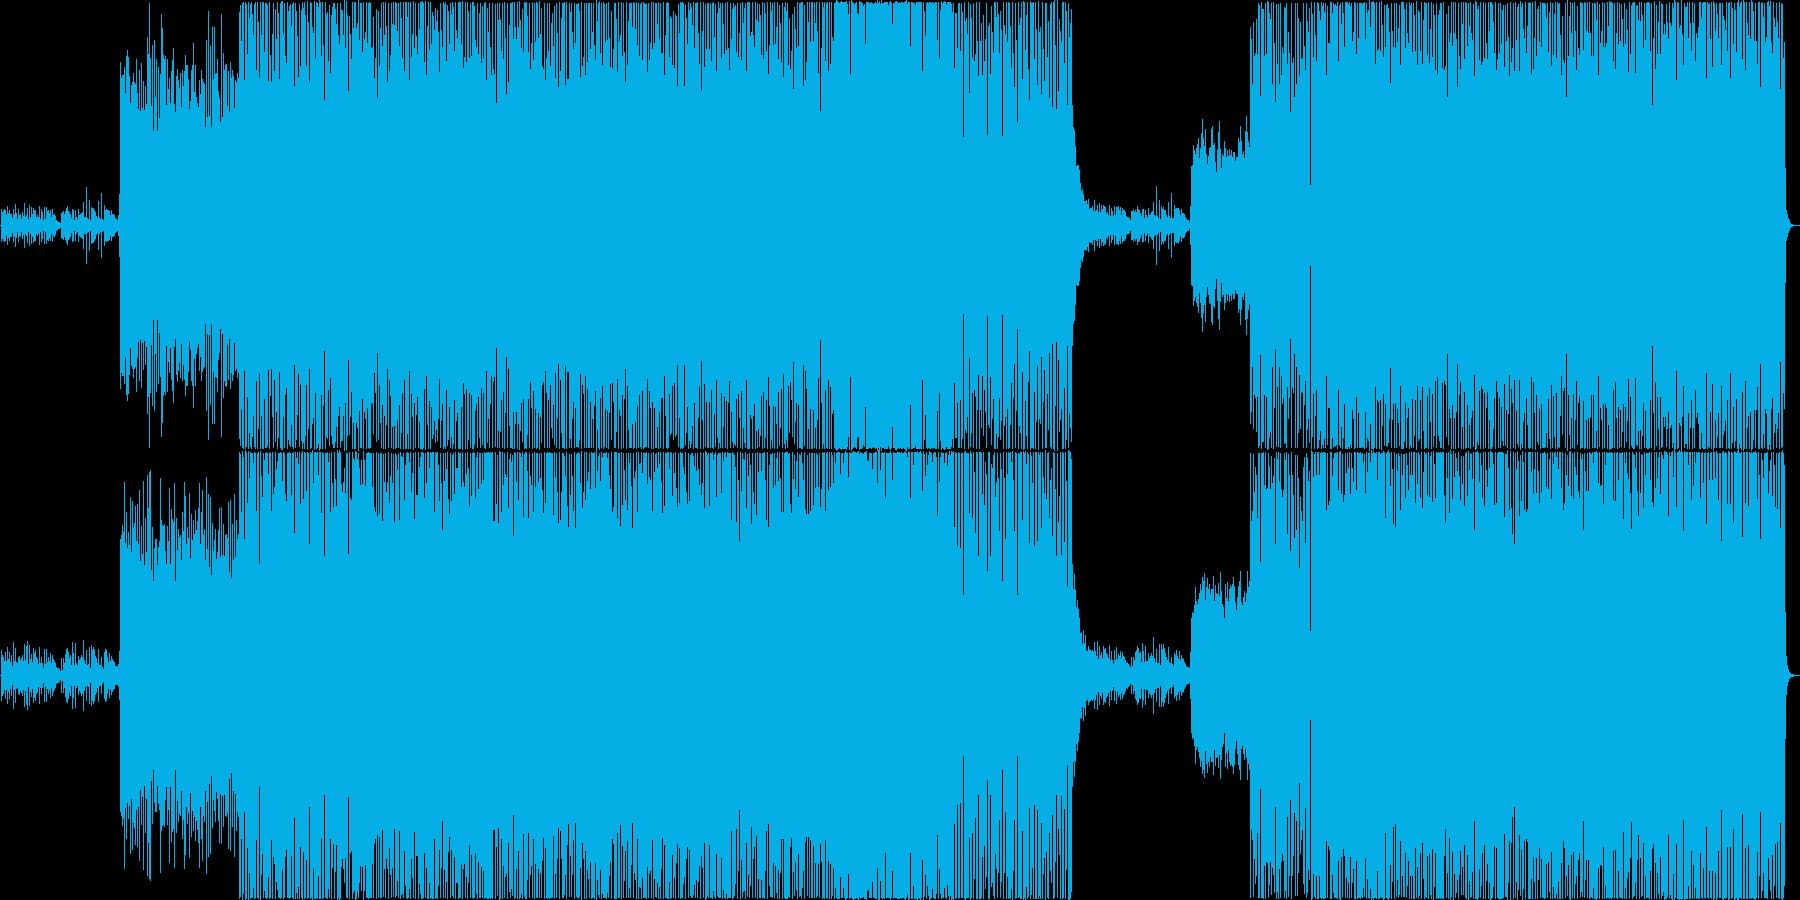 現代的でロックな戦闘曲/ピアノの再生済みの波形